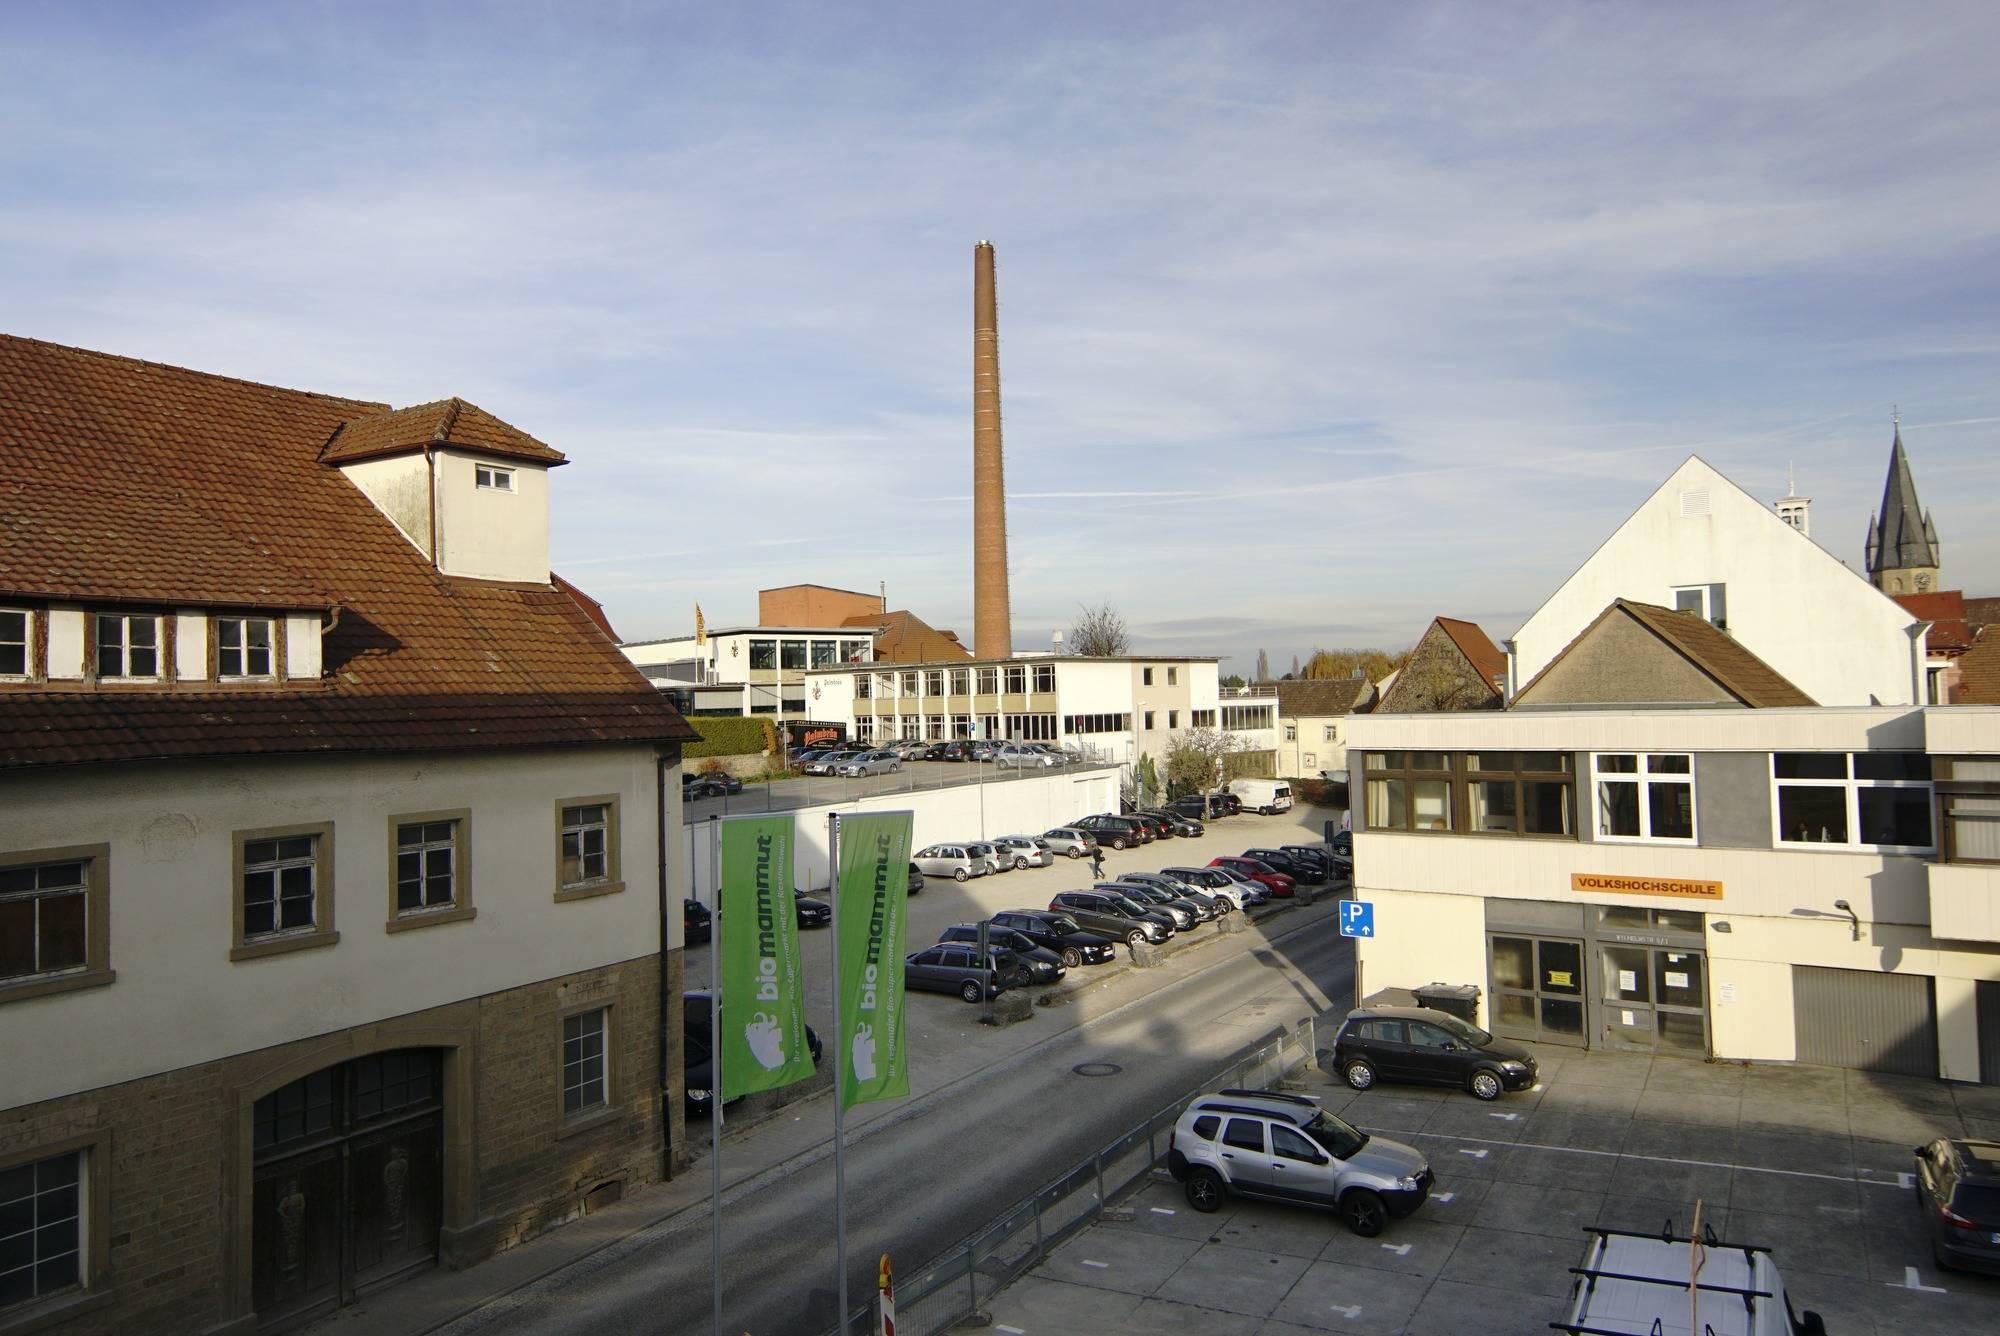 baustelle sorgt f r parkplatznotstand in eppinger innenstadt sinsheim rhein neckar zeitung. Black Bedroom Furniture Sets. Home Design Ideas